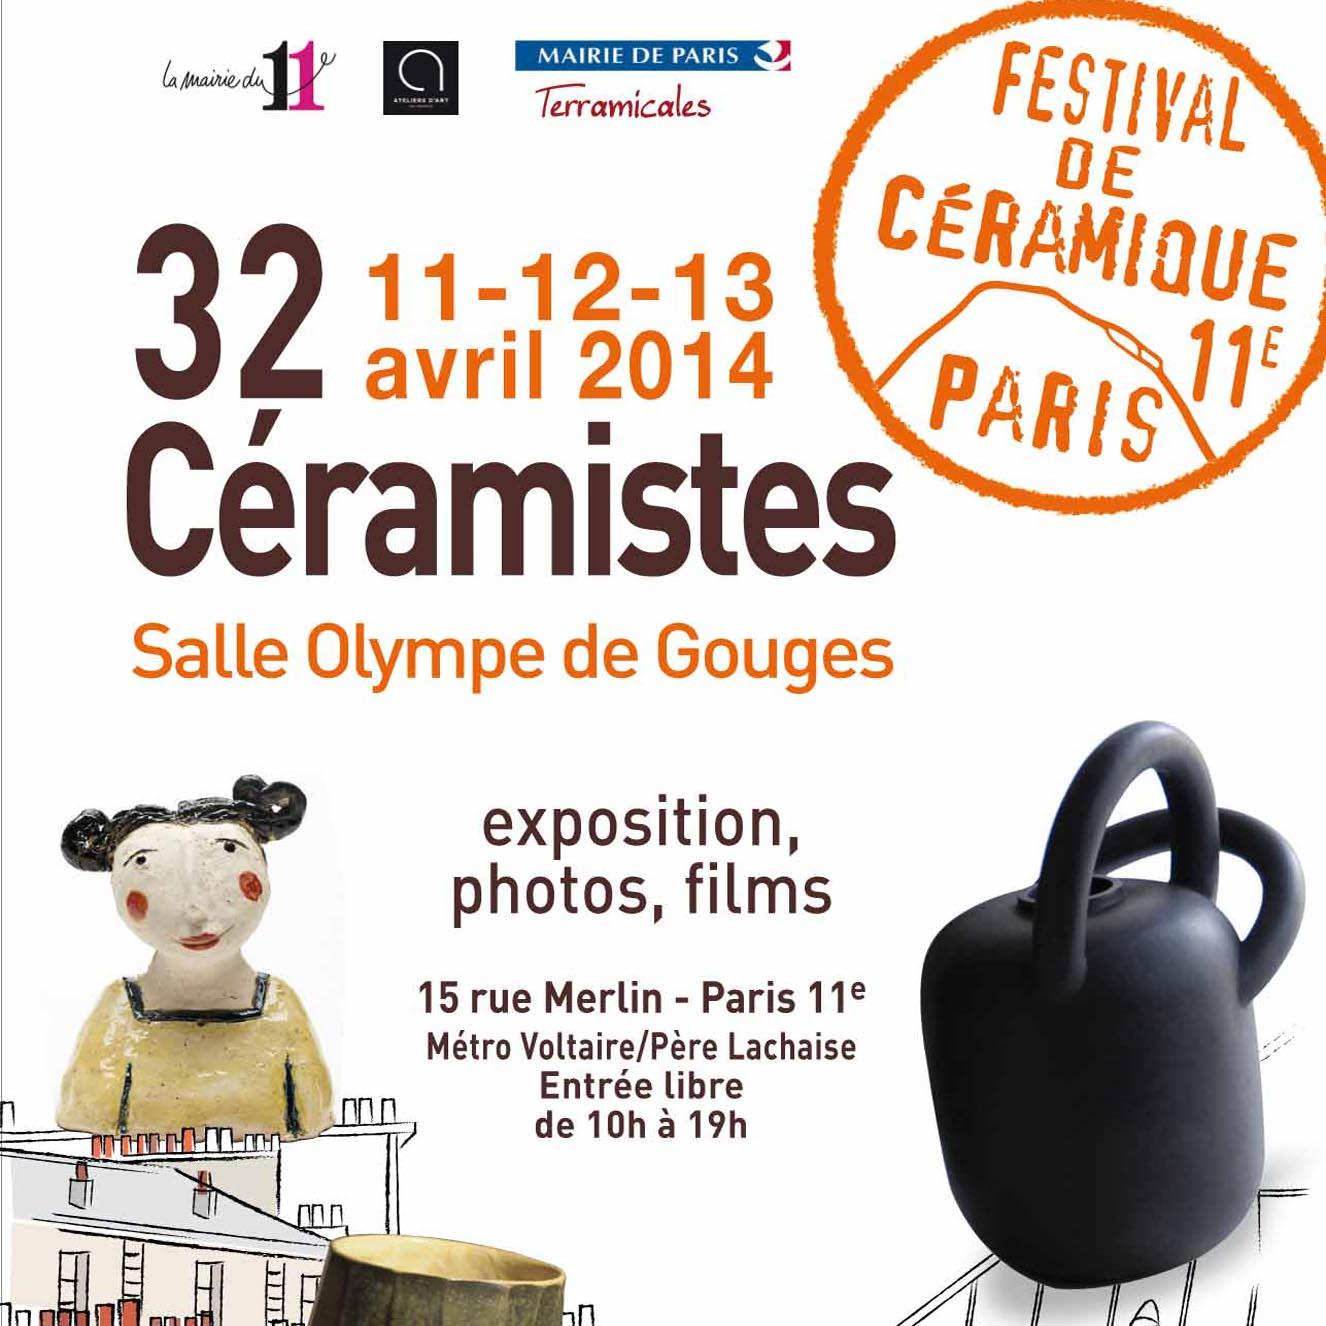 flyer-festival-ceramique-paris11